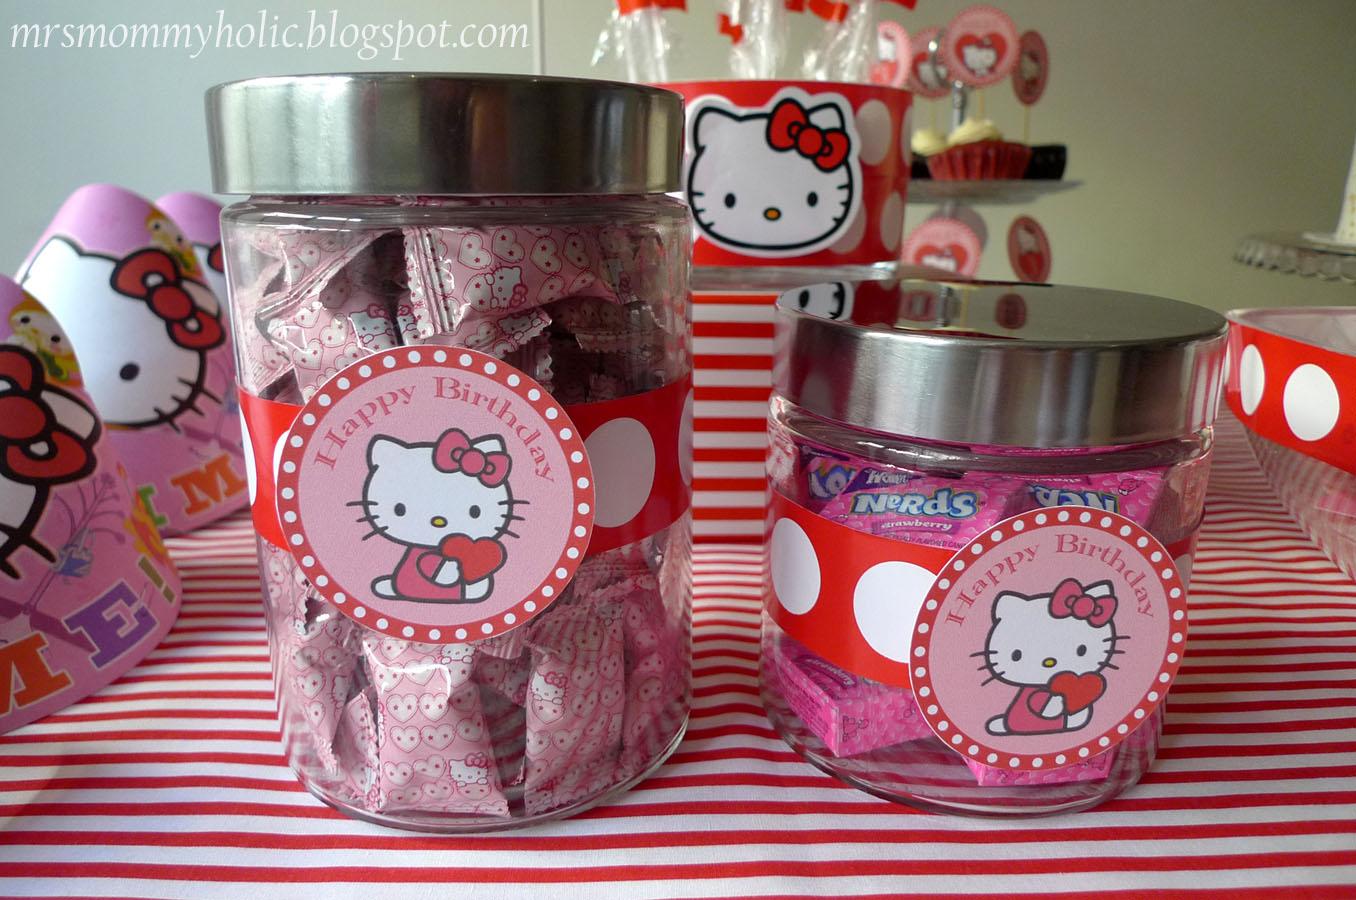 Mrsmommyholic A Hello Kitty Valentine Birthday Party